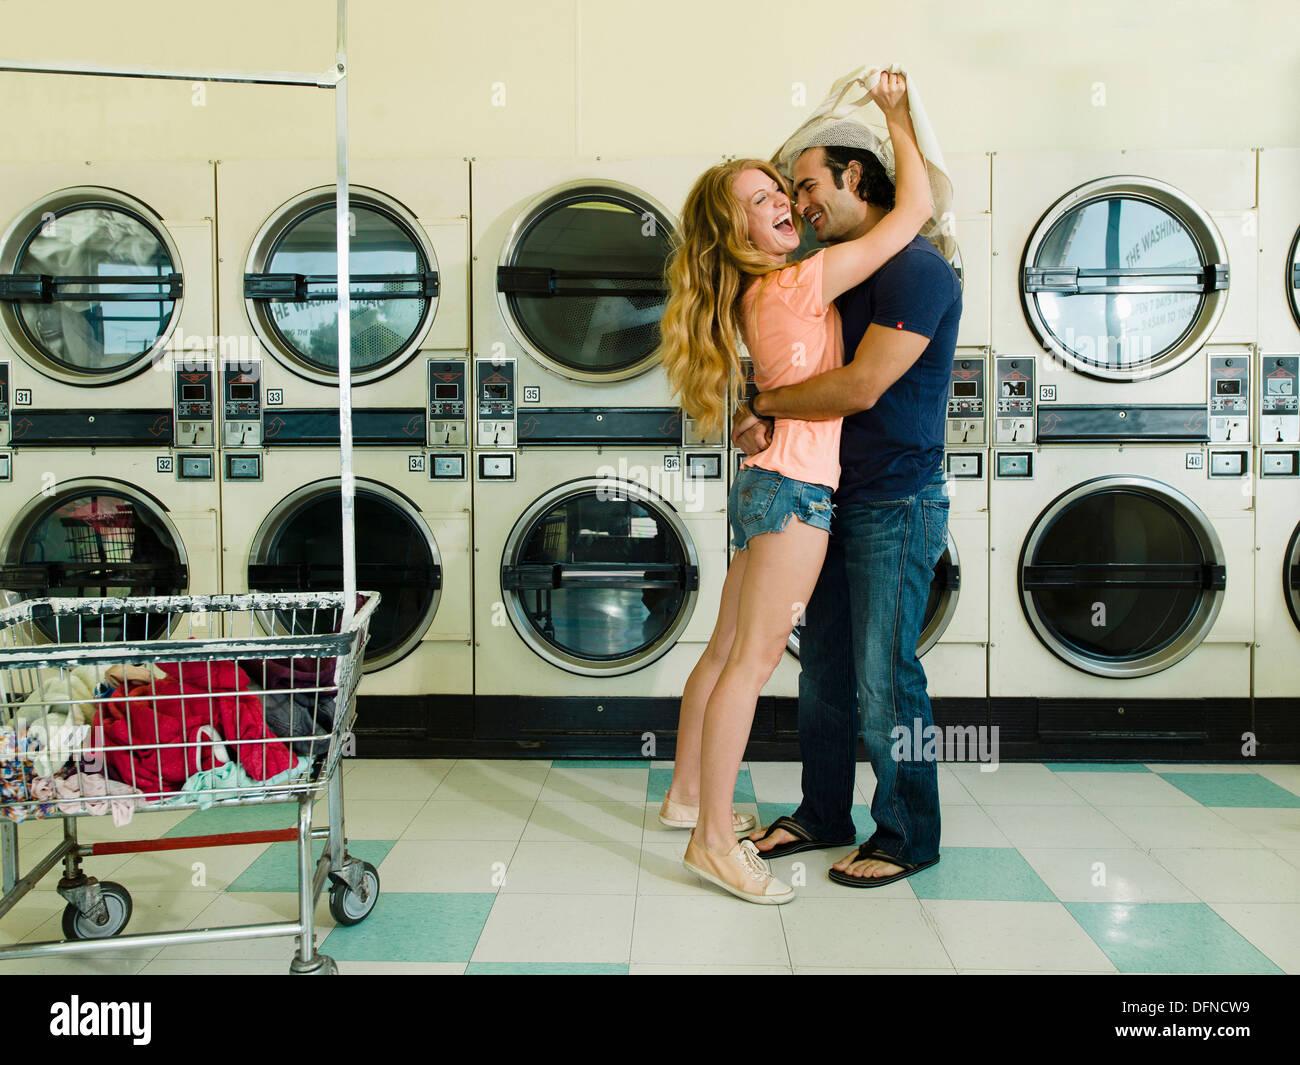 Un jeune homme épouse une belle femme à San Diego coin laverie. Photo Stock